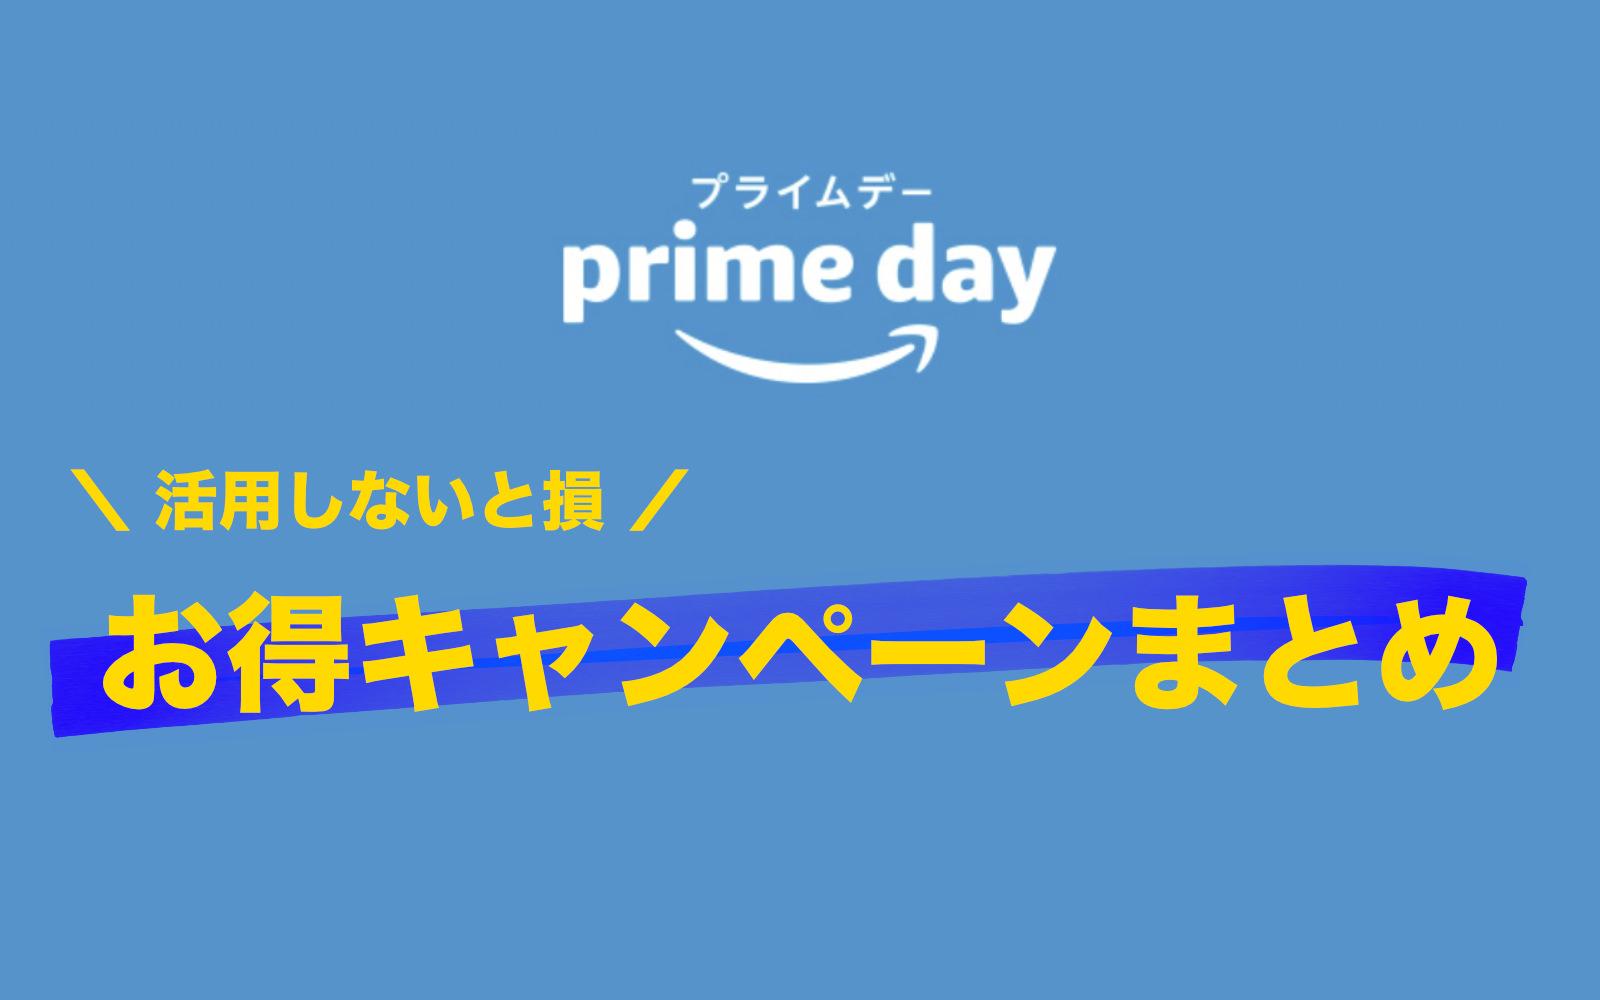 PrimeDay Campaign 2021